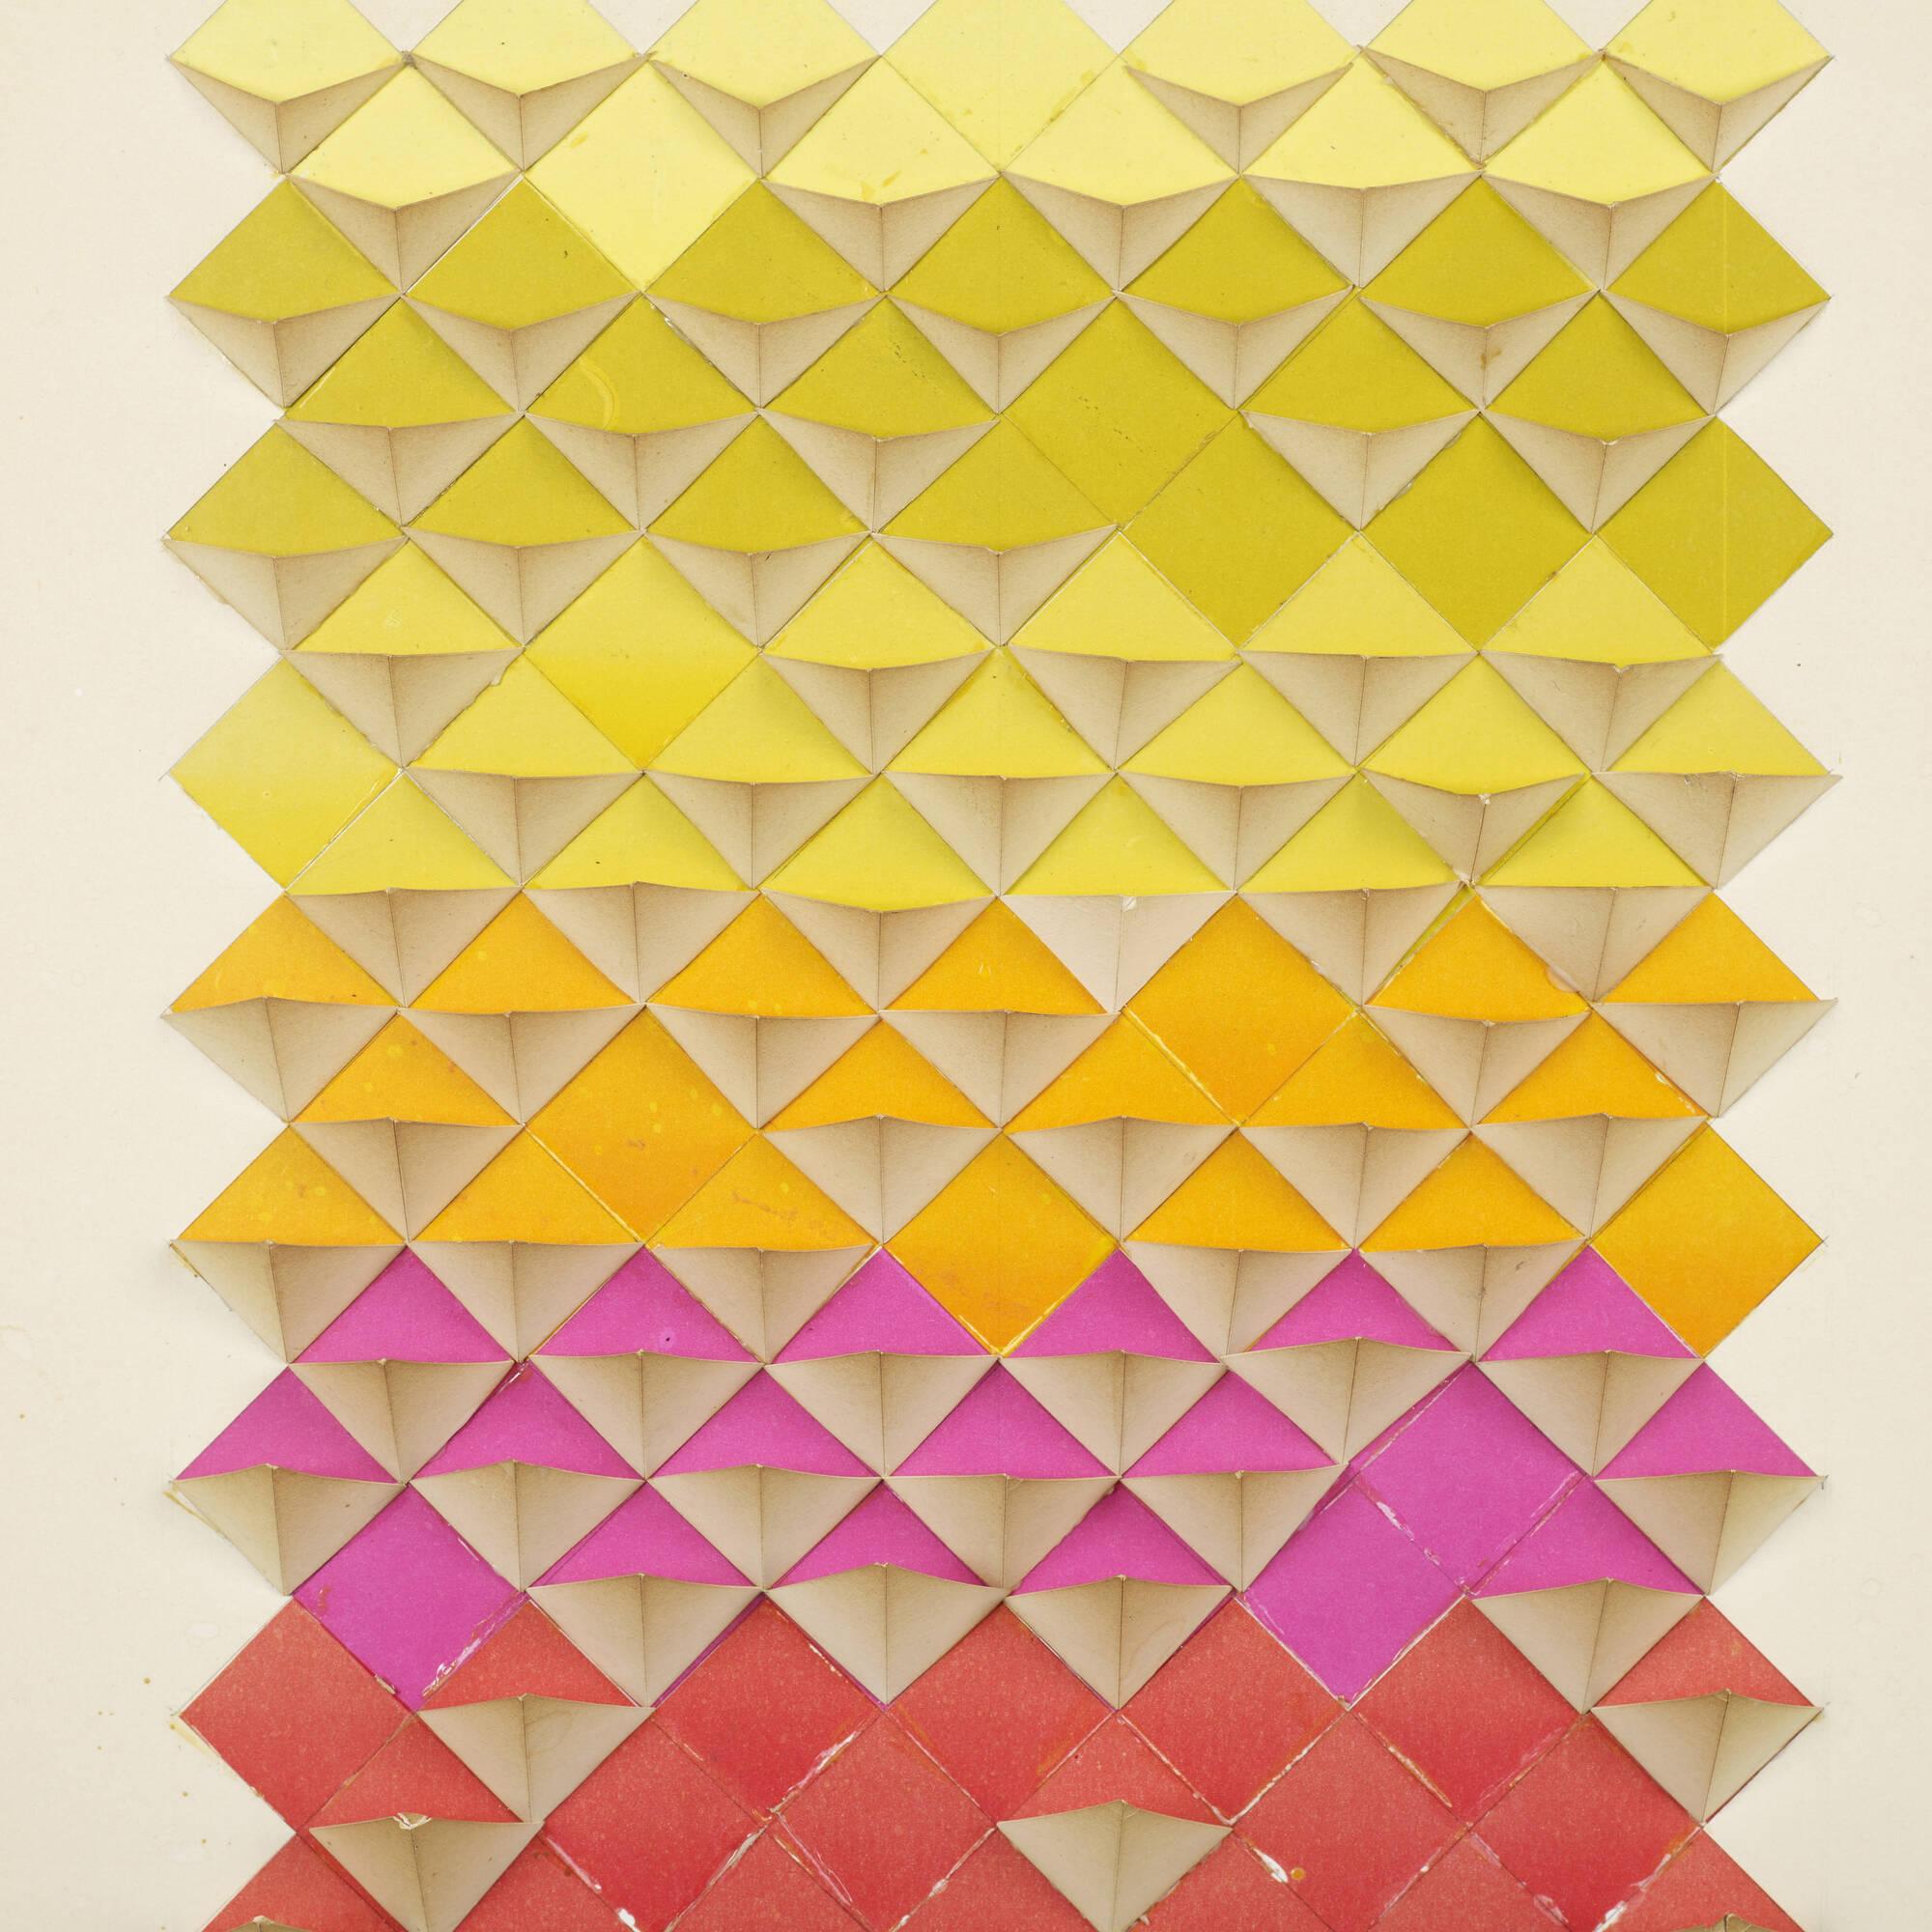 328: Irving Harper / Untitled (3 of 3)